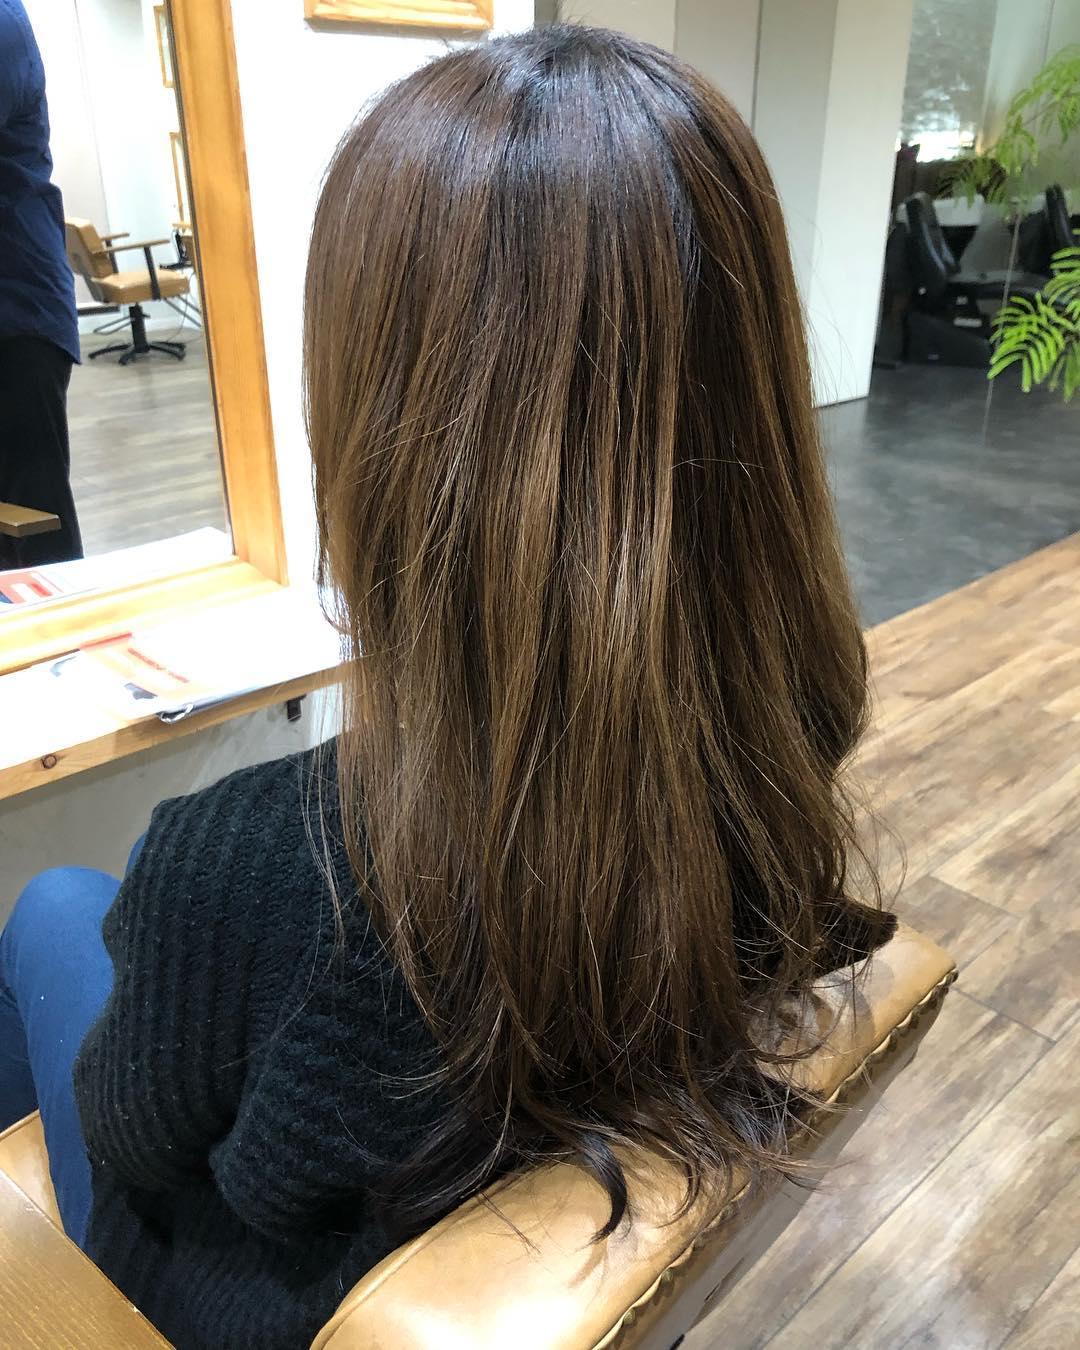 先日Cielに導入決定した新メニュー『ボリュームコントロールカラー』カラーをしながら収まりがよくなる新感覚のカラーですツヤもすごく出るので皆さん乞うご期待ください#hair#Ciel#常陸多賀美容室#新メニュー#新感覚カラー#エイジングケア